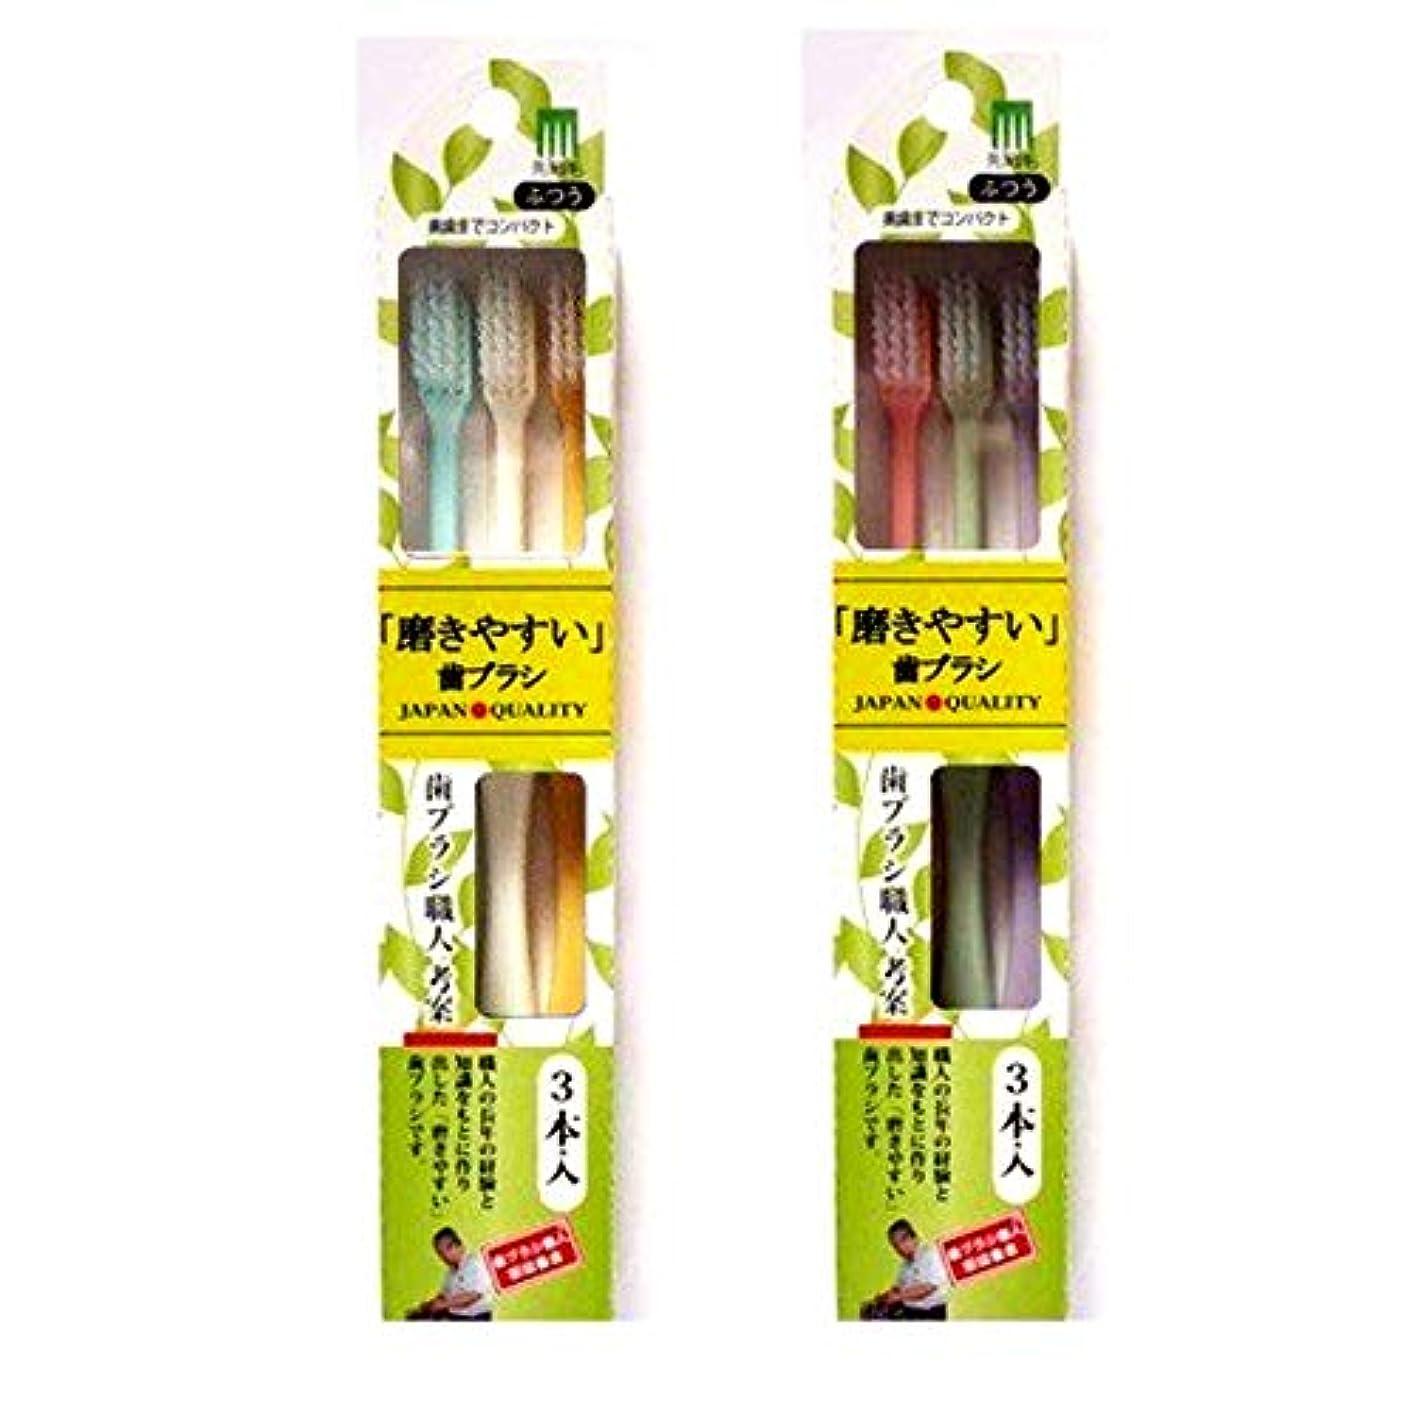 意識的表面みなさん磨きやすい歯ブラシ (先細毛) 奥までコンパクト3本組 ELT-1 (色選択不可)